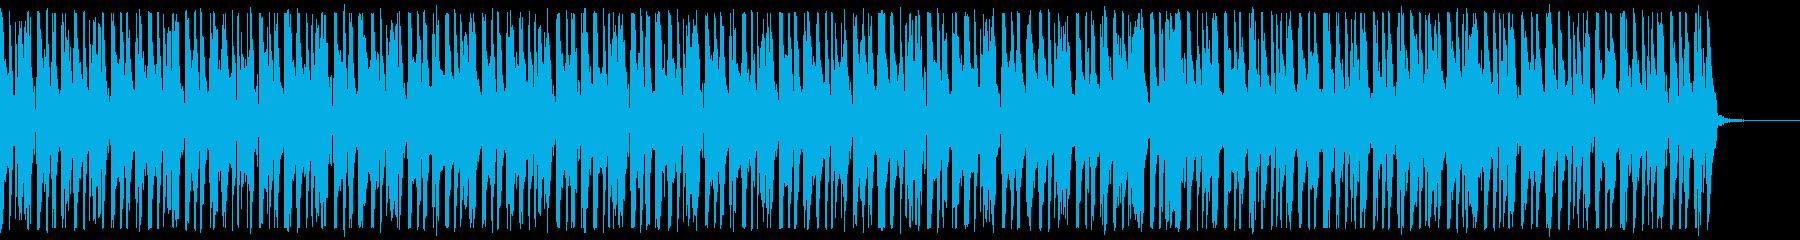 口笛、手拍子、ピアノが可愛いBGM60秒の再生済みの波形